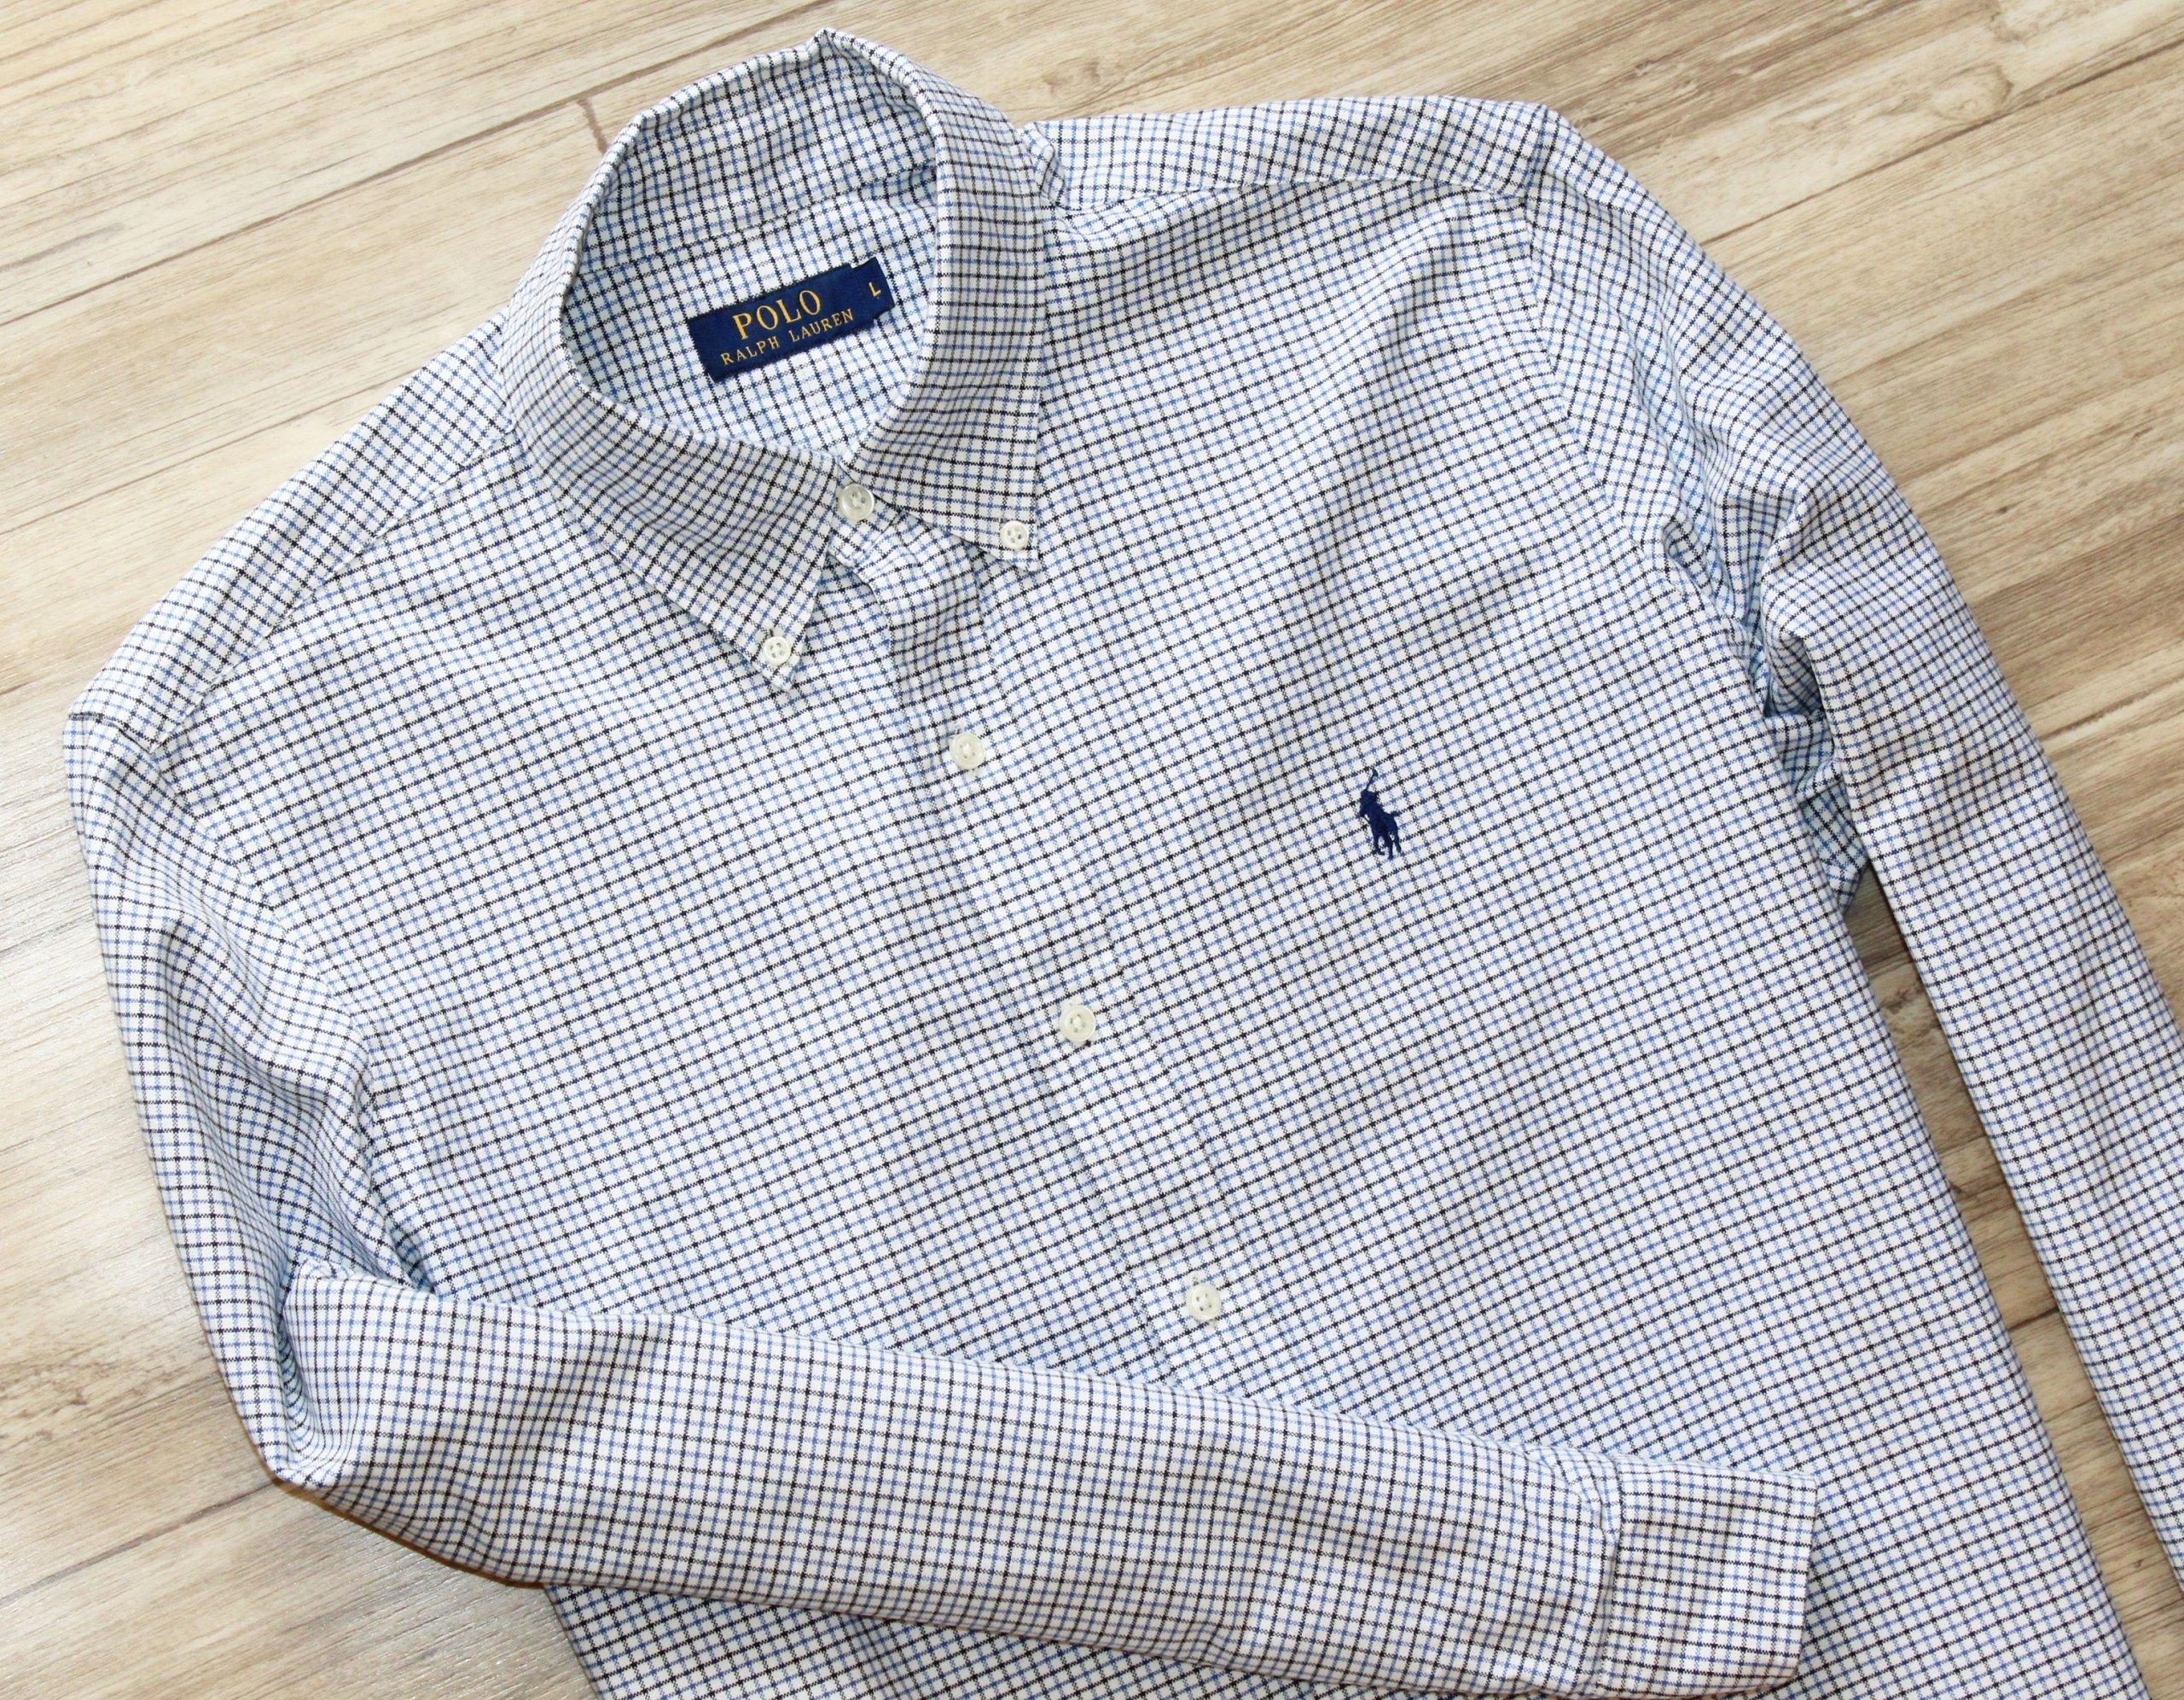 776a0c925 Koszula Ralph Lauren L XL logo męska idealna - 7285569284 ...